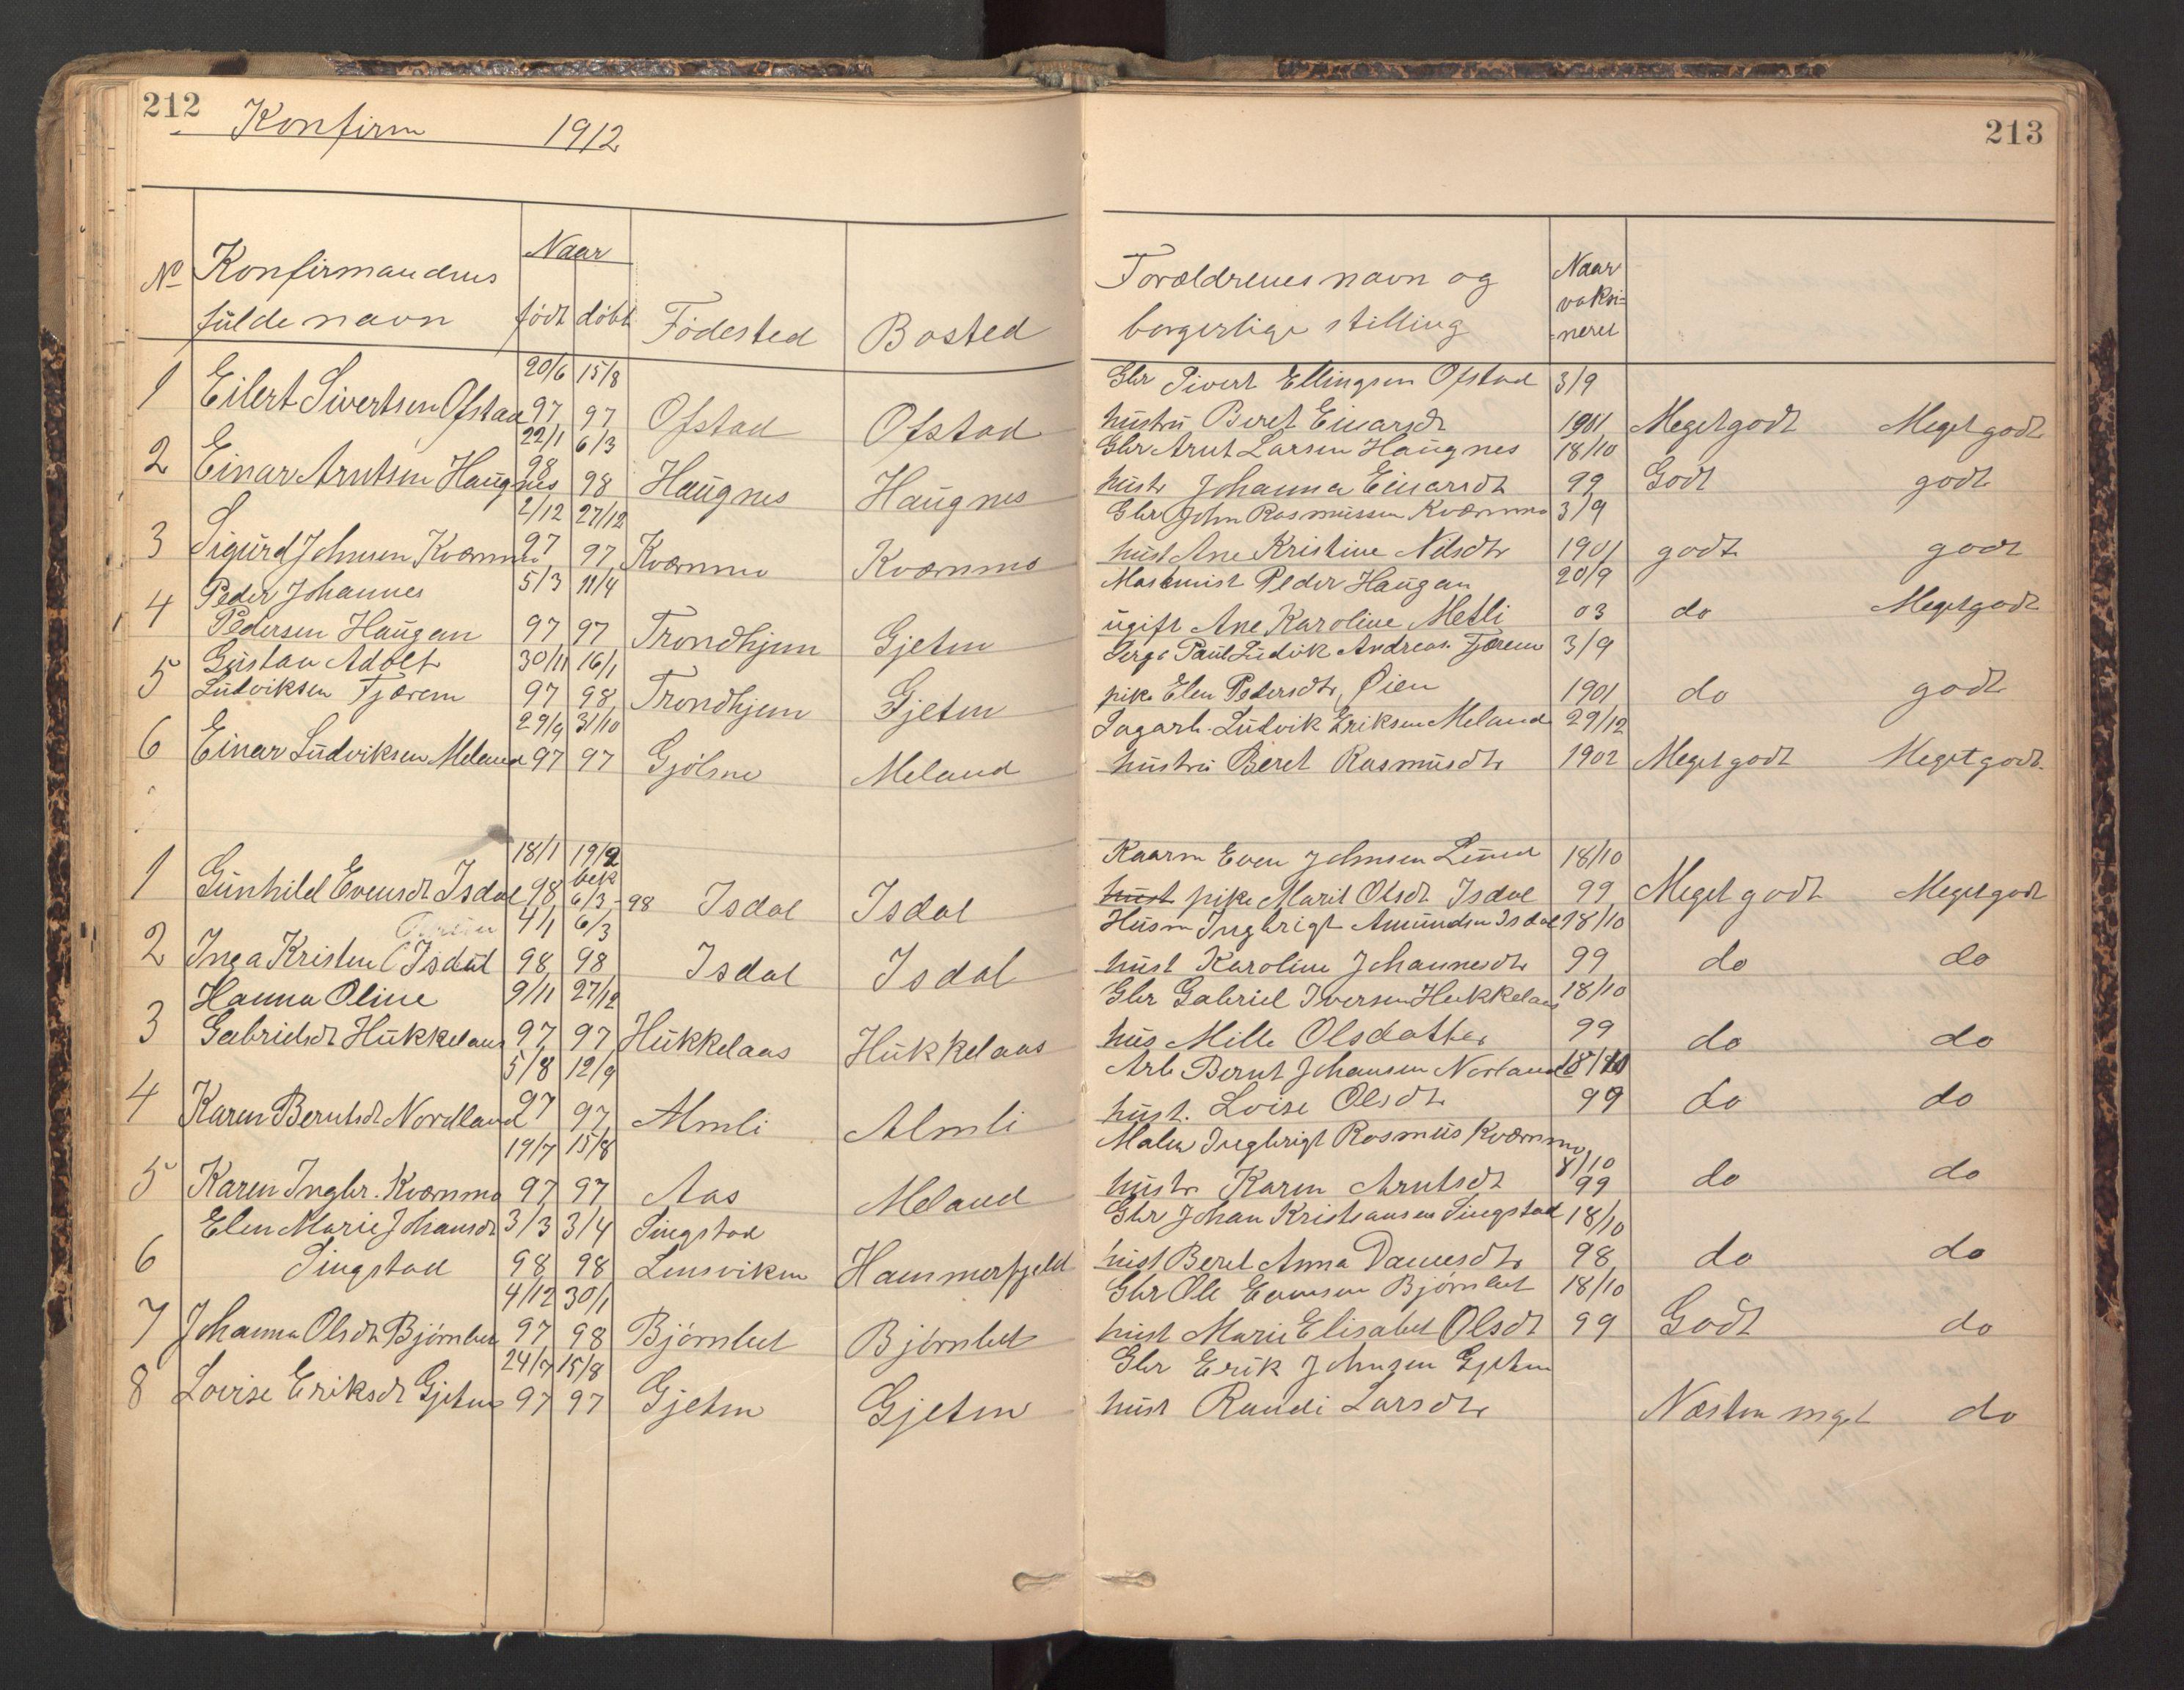 SAT, Ministerialprotokoller, klokkerbøker og fødselsregistre - Sør-Trøndelag, 670/L0837: Klokkerbok nr. 670C01, 1905-1946, s. 212-213